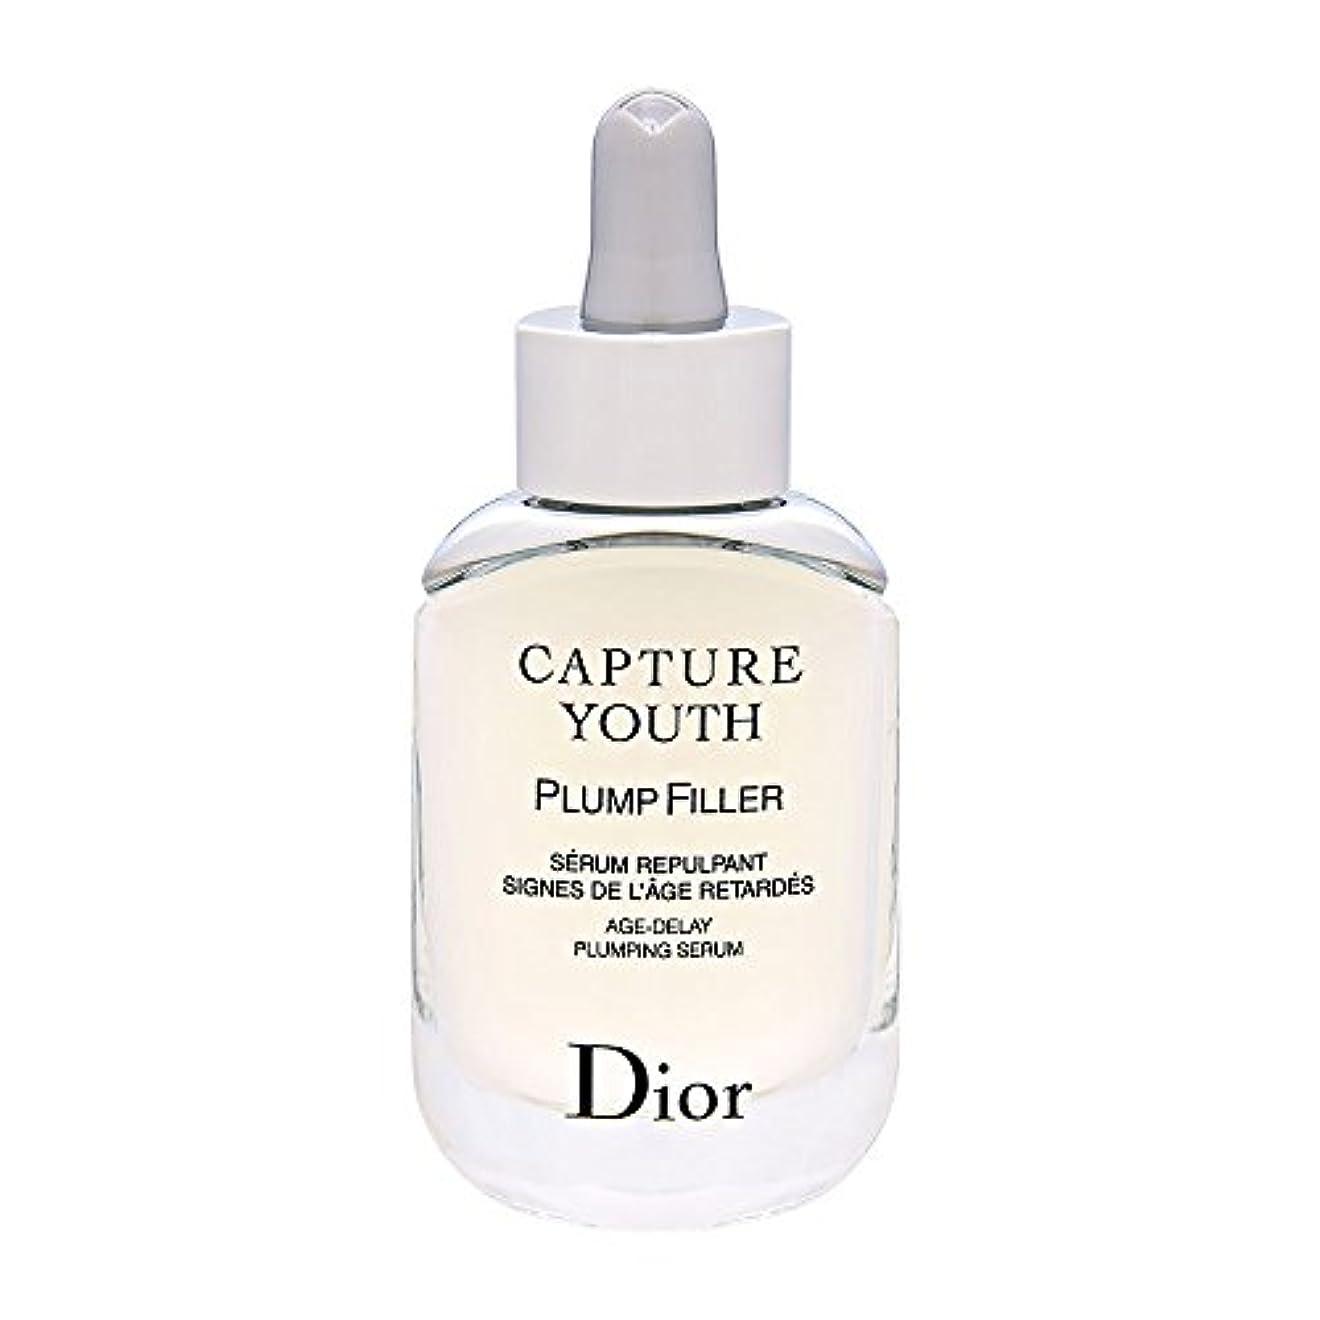 細いパパあえてクリスチャンディオール Christian Dior カプチュール ユース プランプフィラー 30mL [並行輸入品]